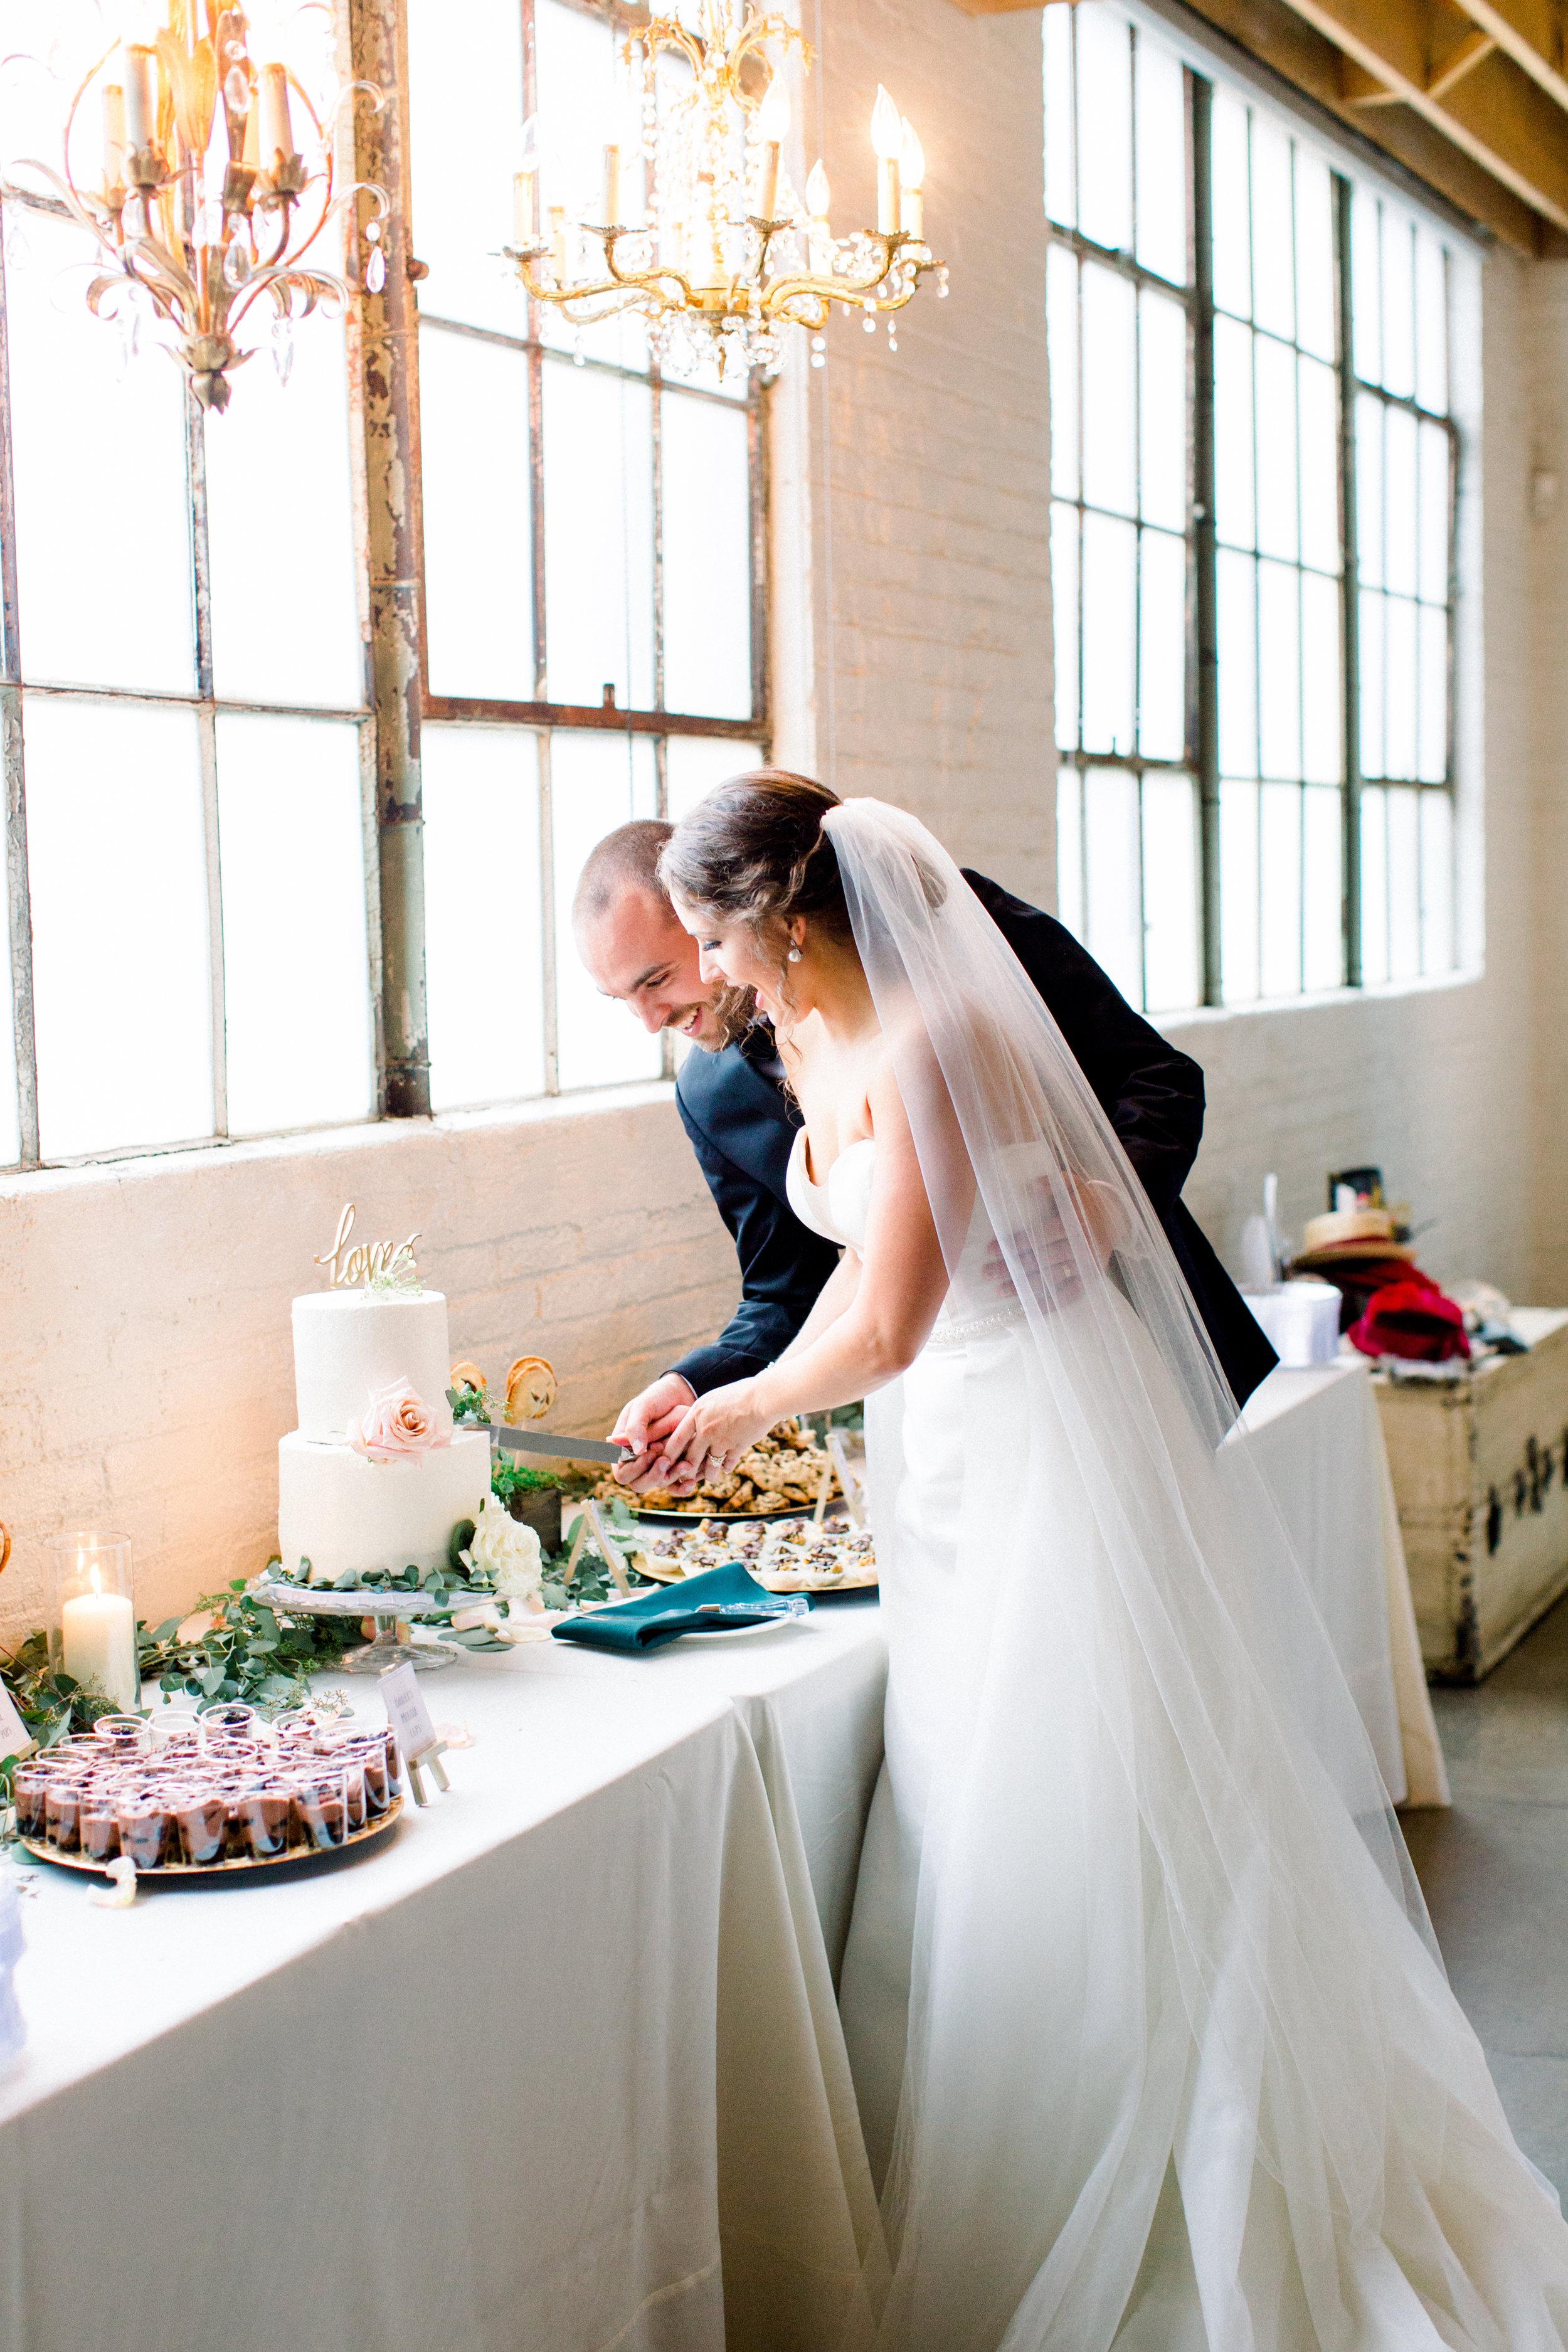 Steiner+Wedding+Reception-75.jpg